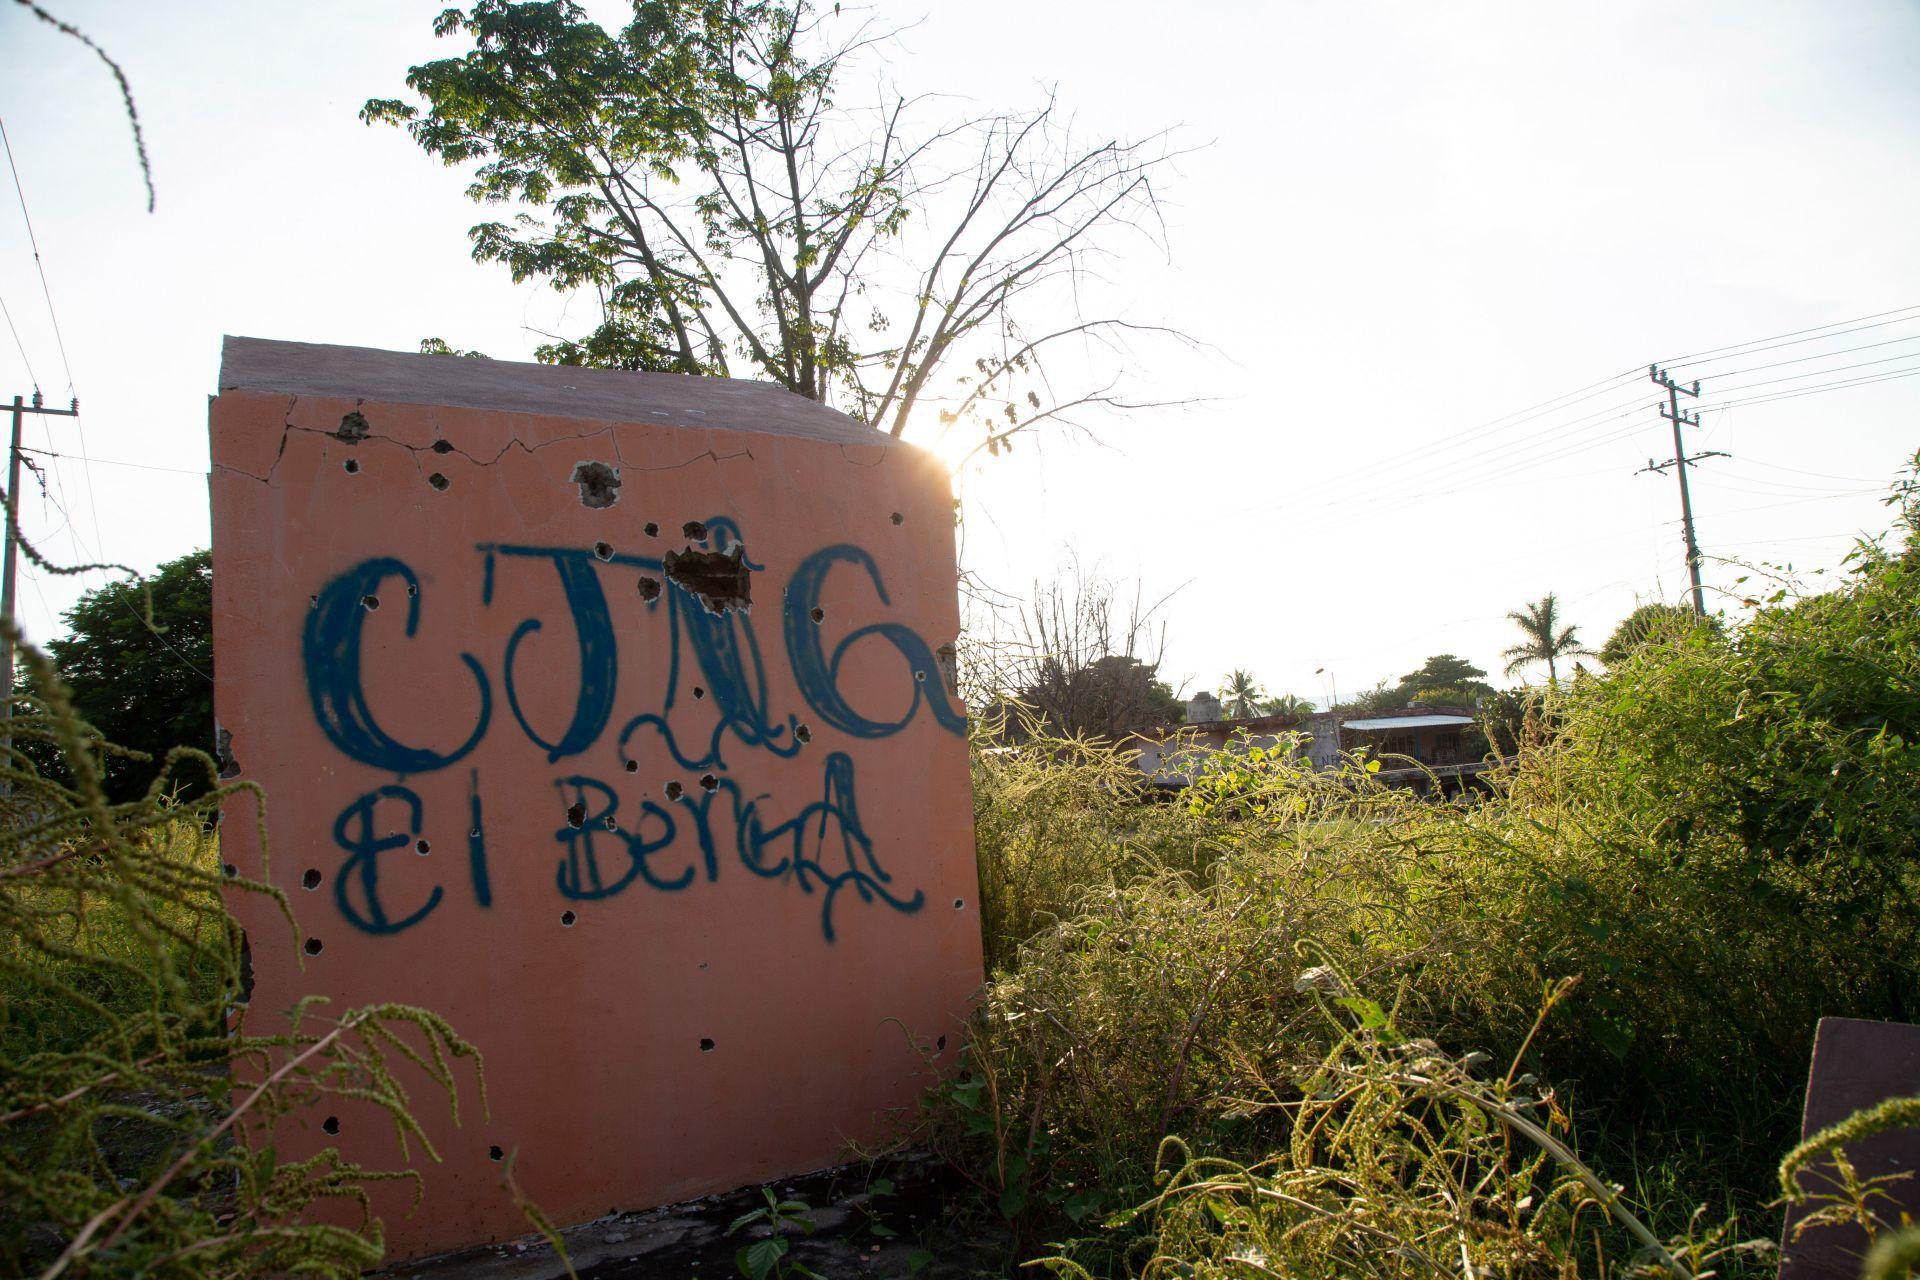 CARTEL JALISCO NUEVA GENERACION - CJNG - LOS VIAGRAS - MEXICO - MICHOACAN - AGUILLA - 01122020